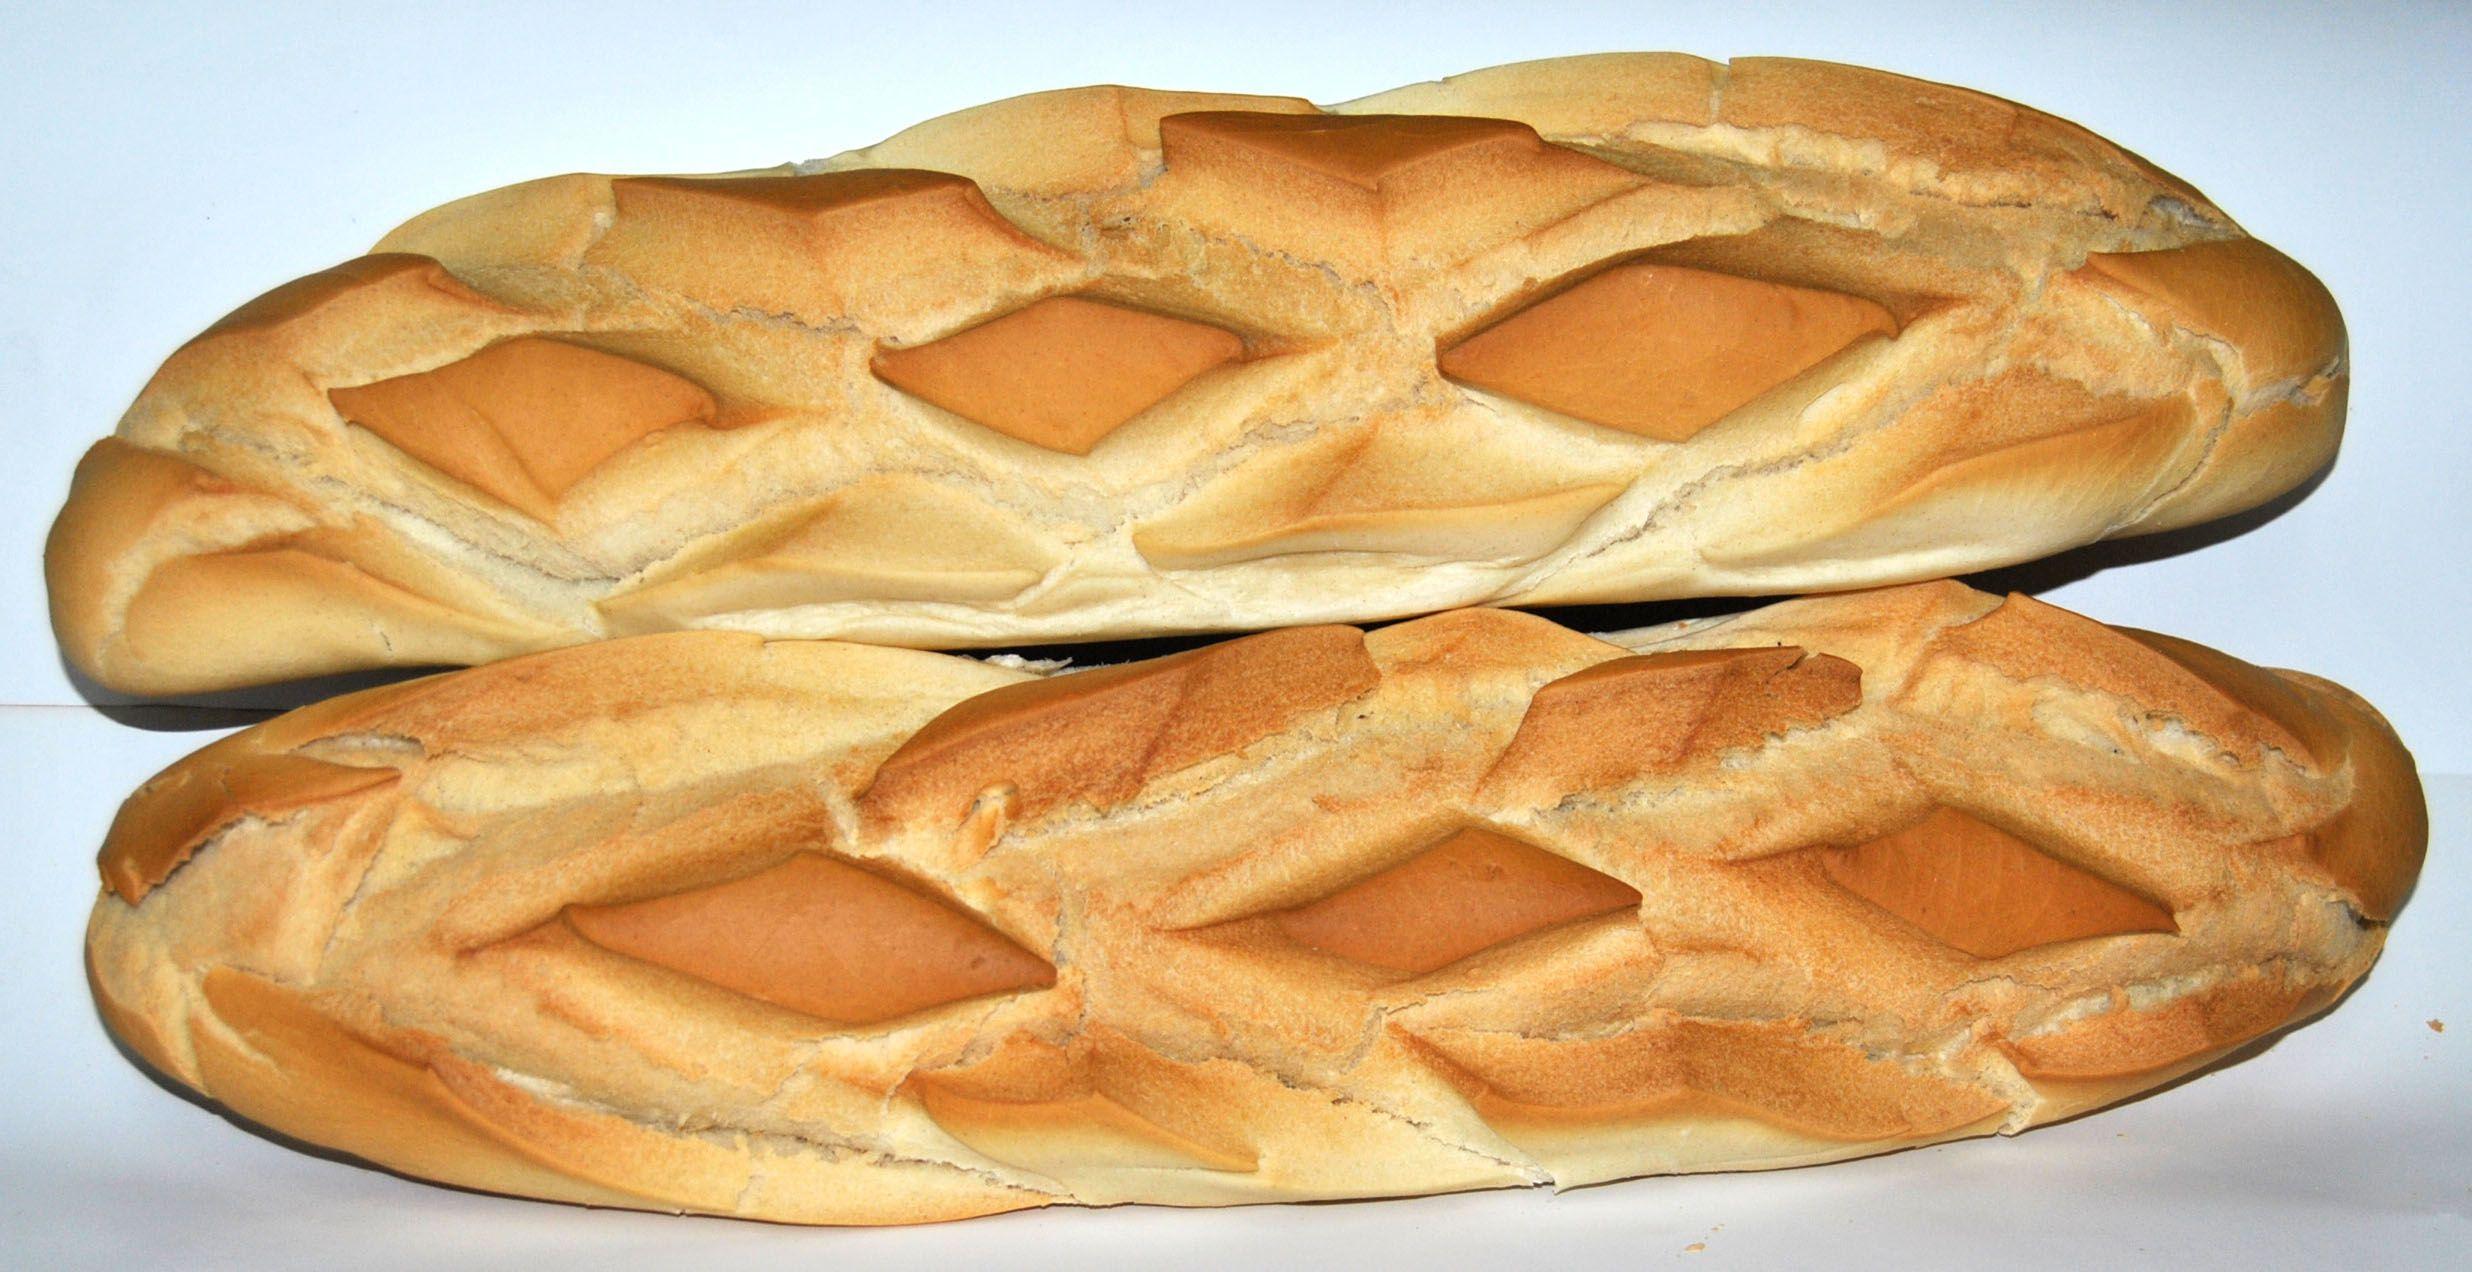 Distribución de pan artesanal en Córdoba